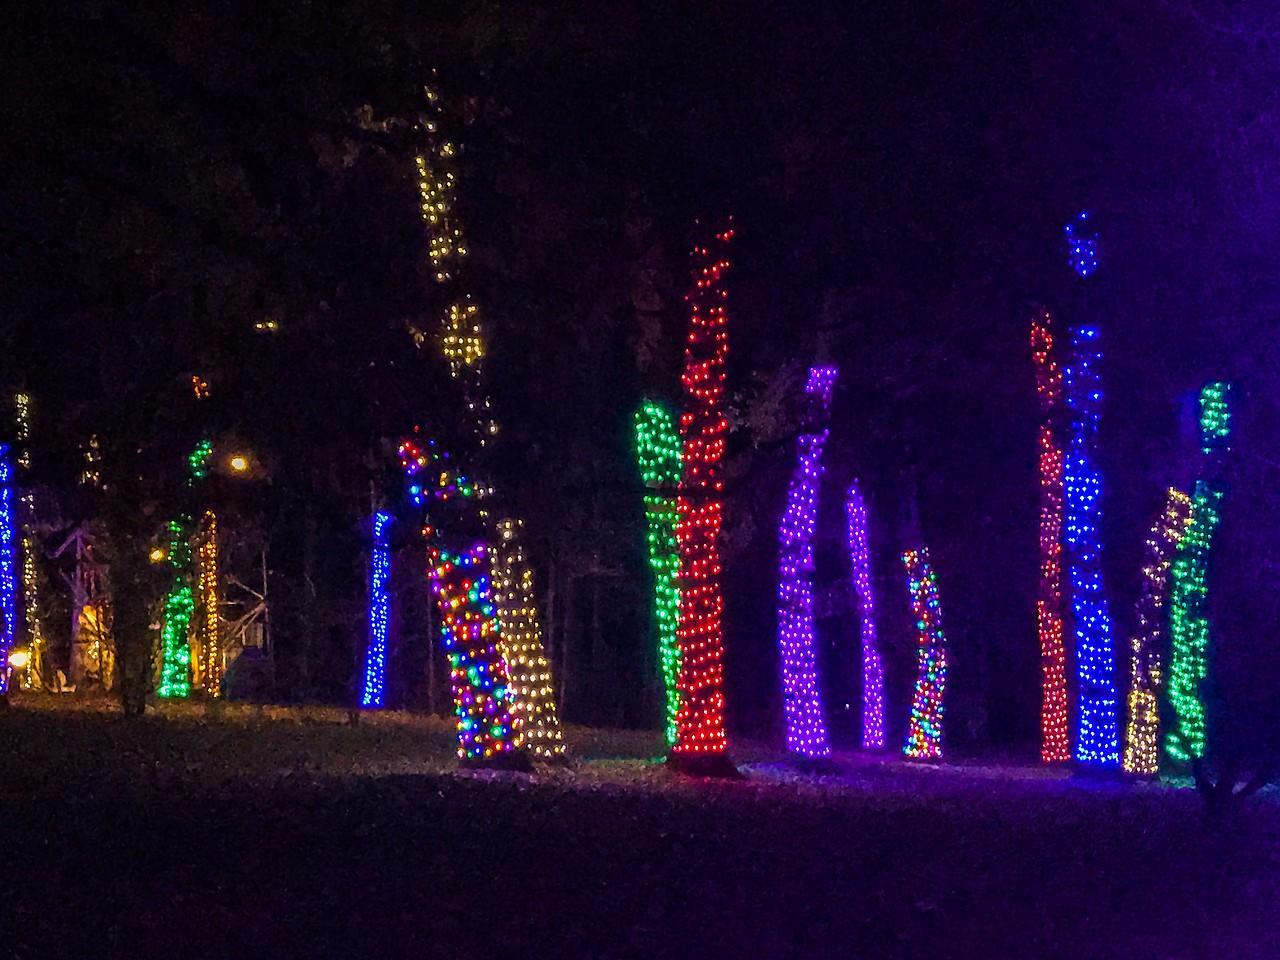 费城长木公园,夜幕下的灿烂_图1-3